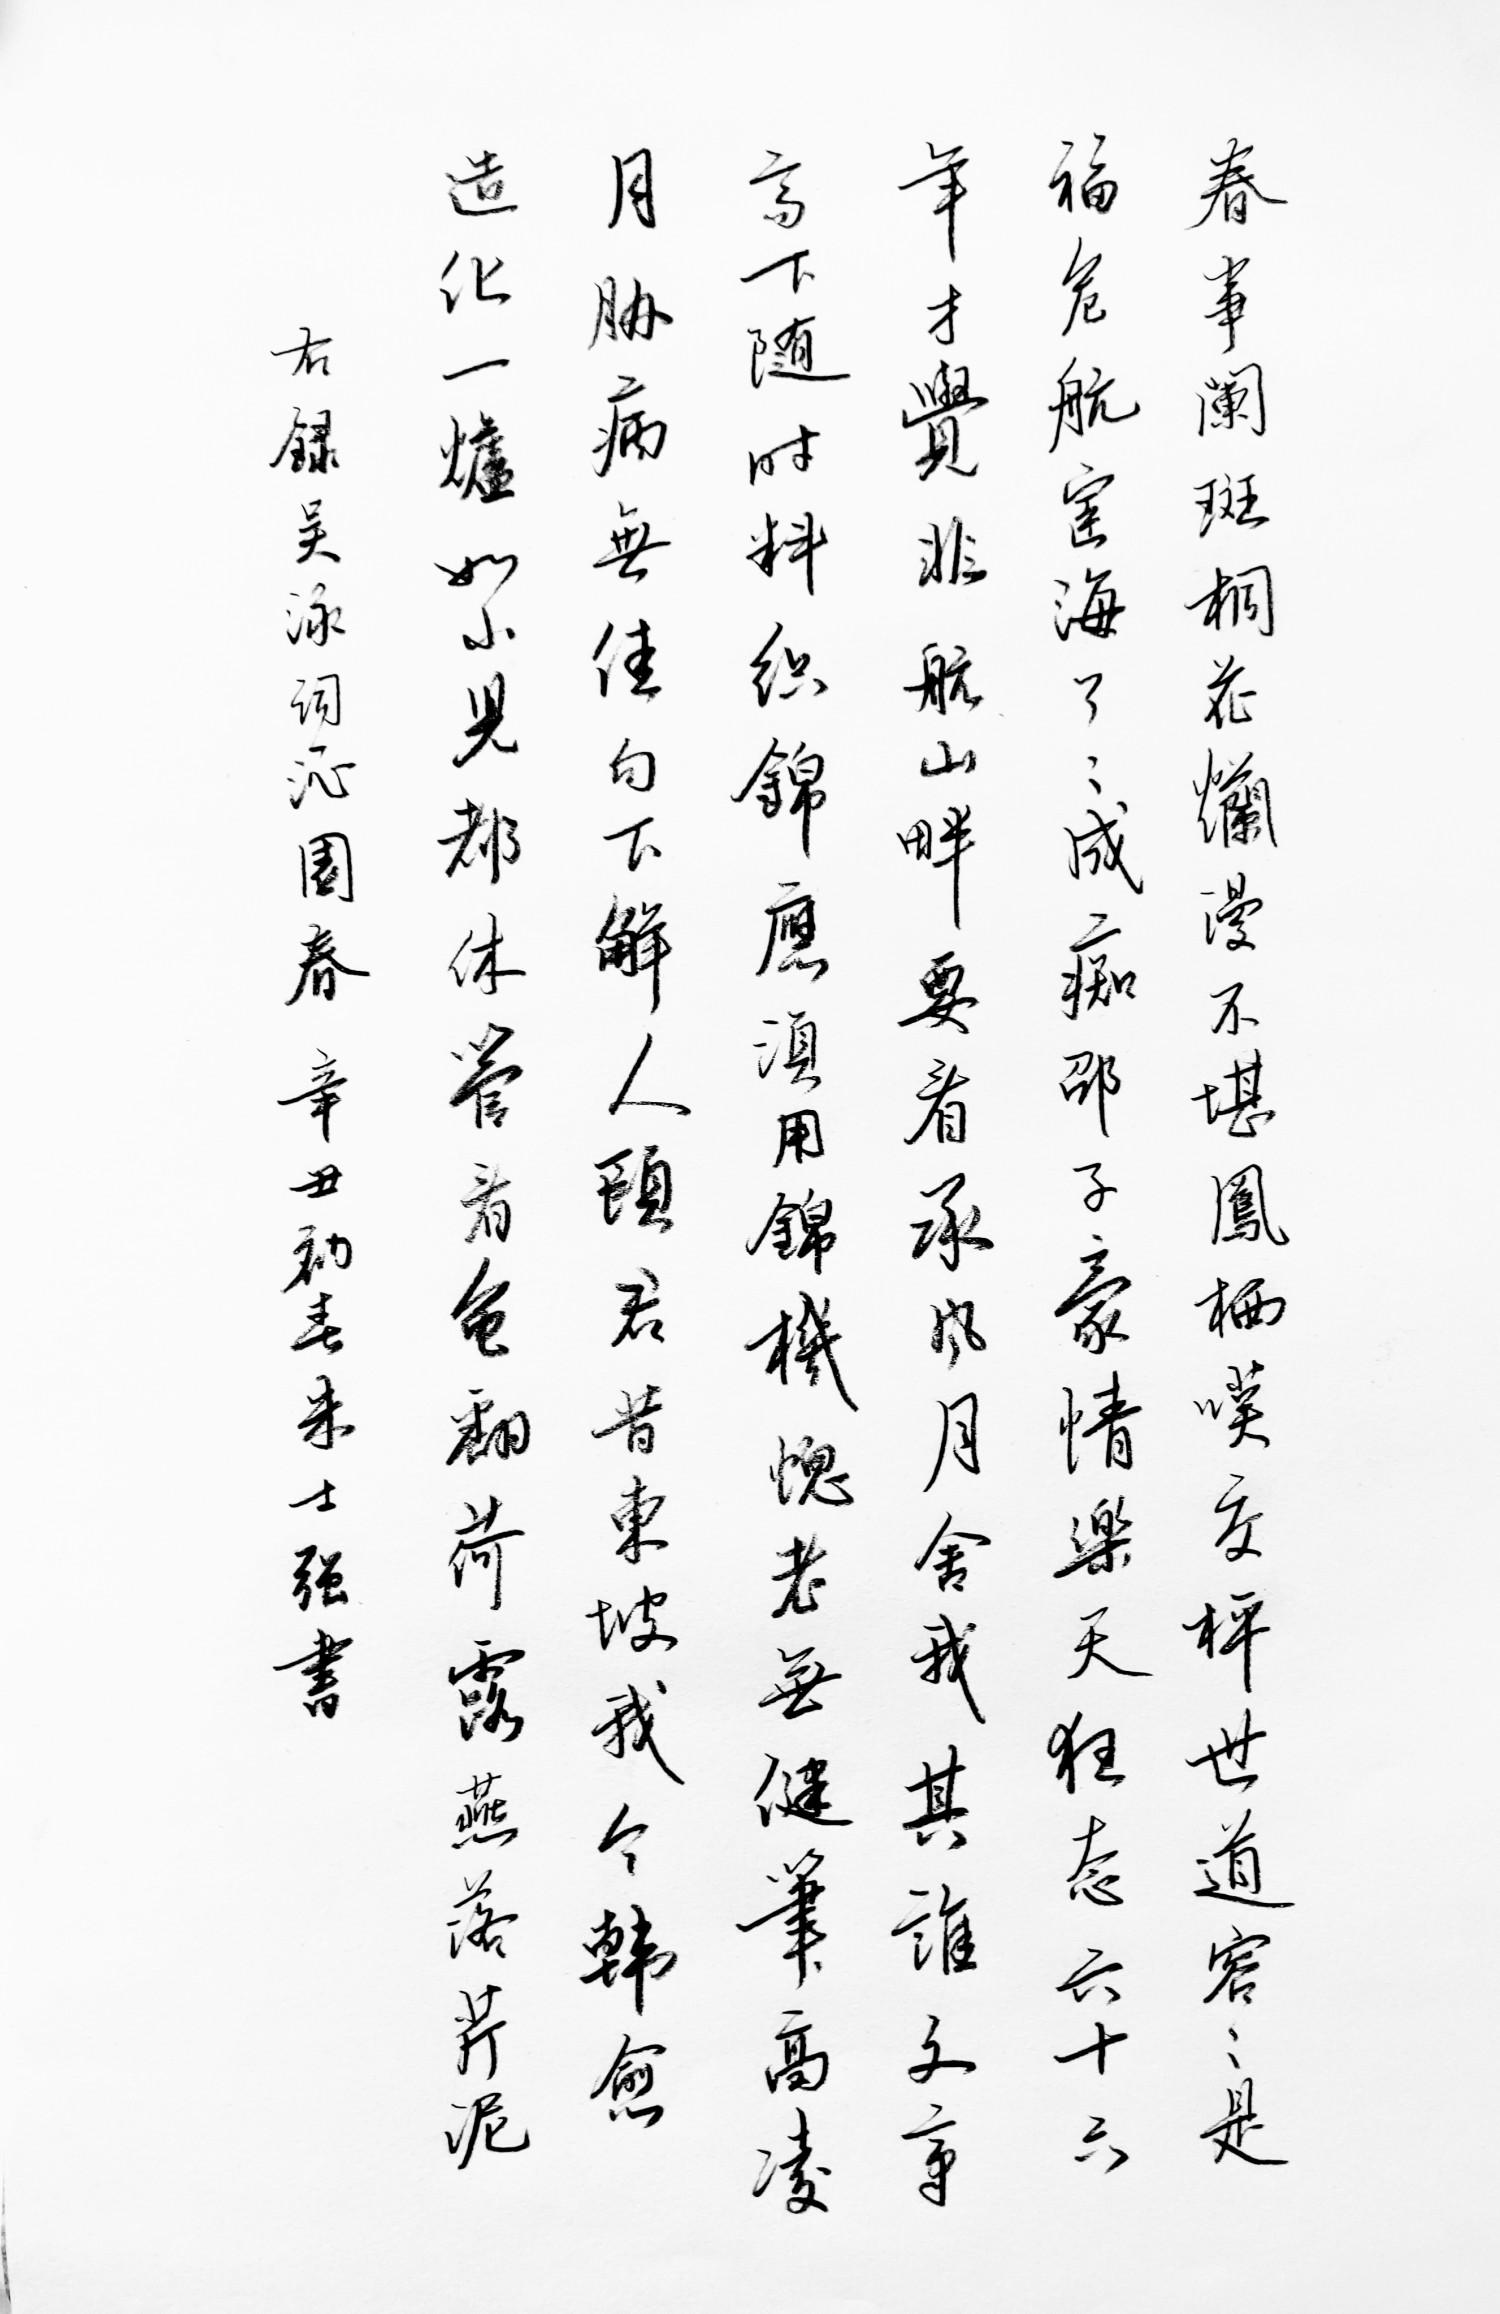 钢笔爱好者练字打卡20210324-25